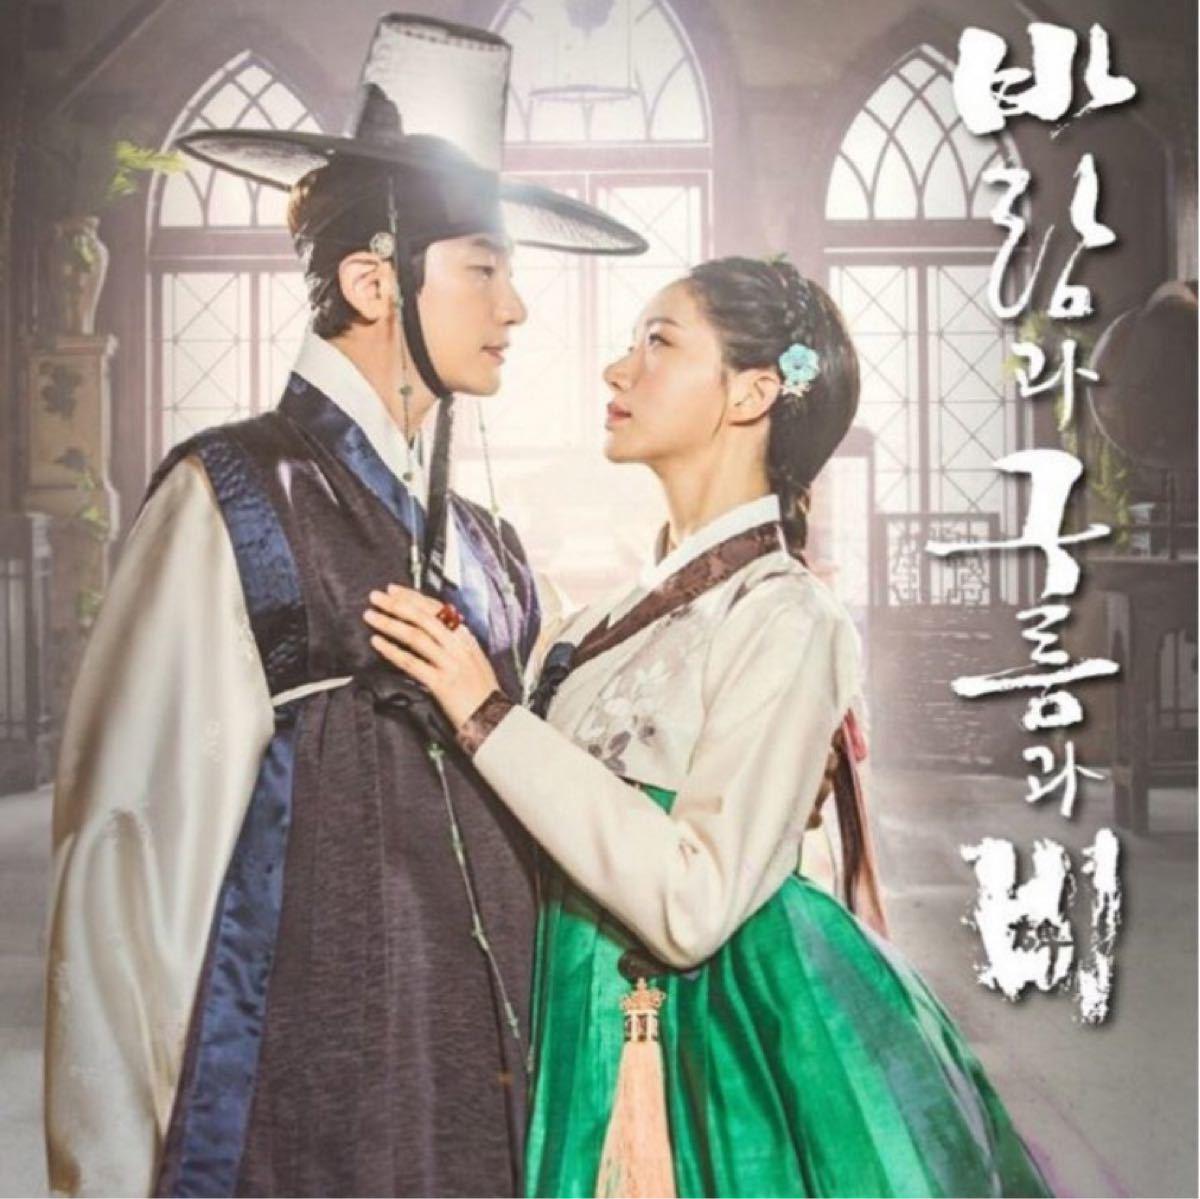 ☆韓国ドラマ☆『風と雲と雨』 Blu-ray  全話  CDケース入